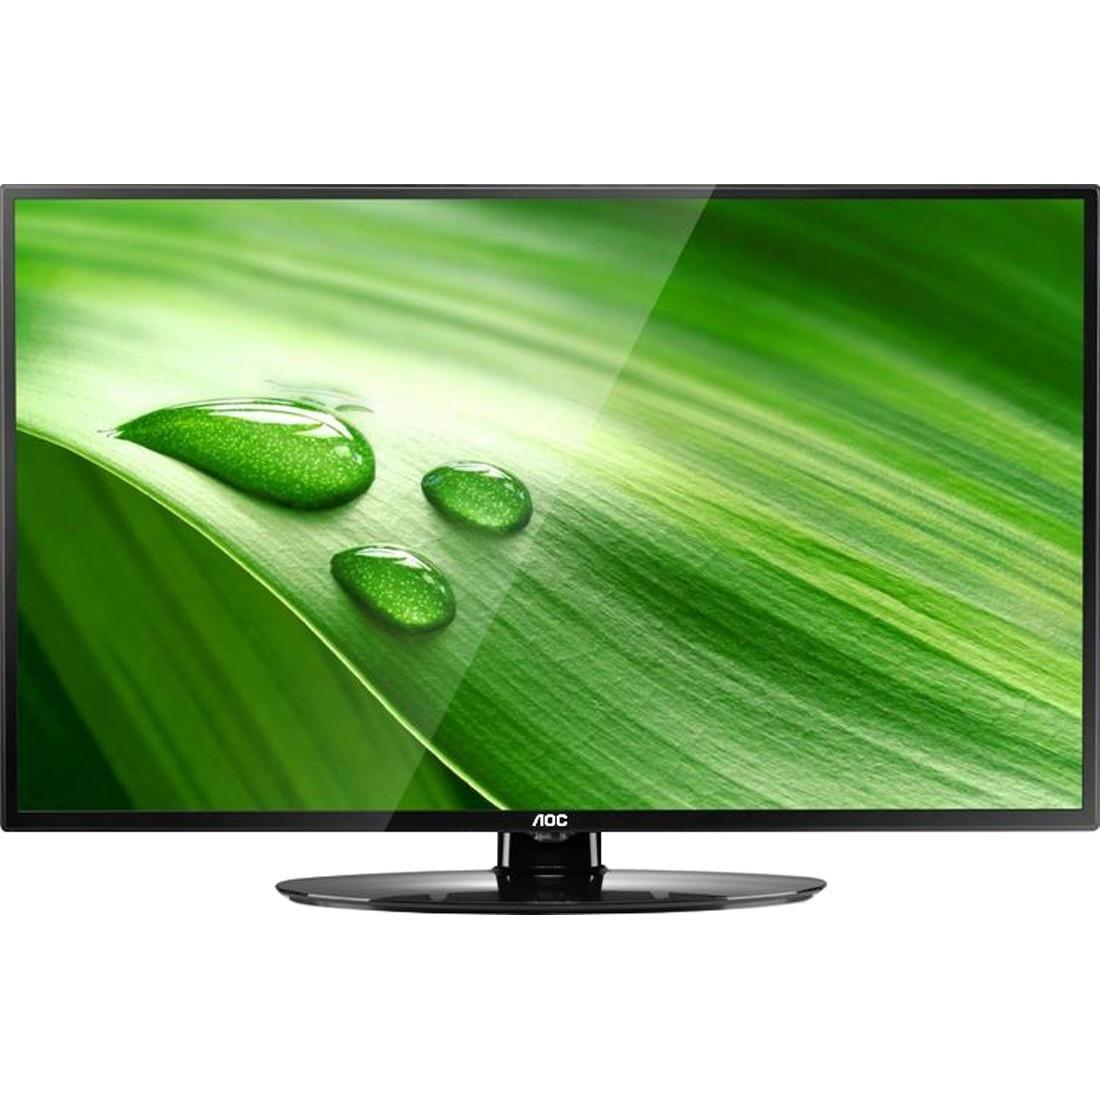 AOC LE32A6340-61 80 cm (32) LED TV (HD Ready) Image